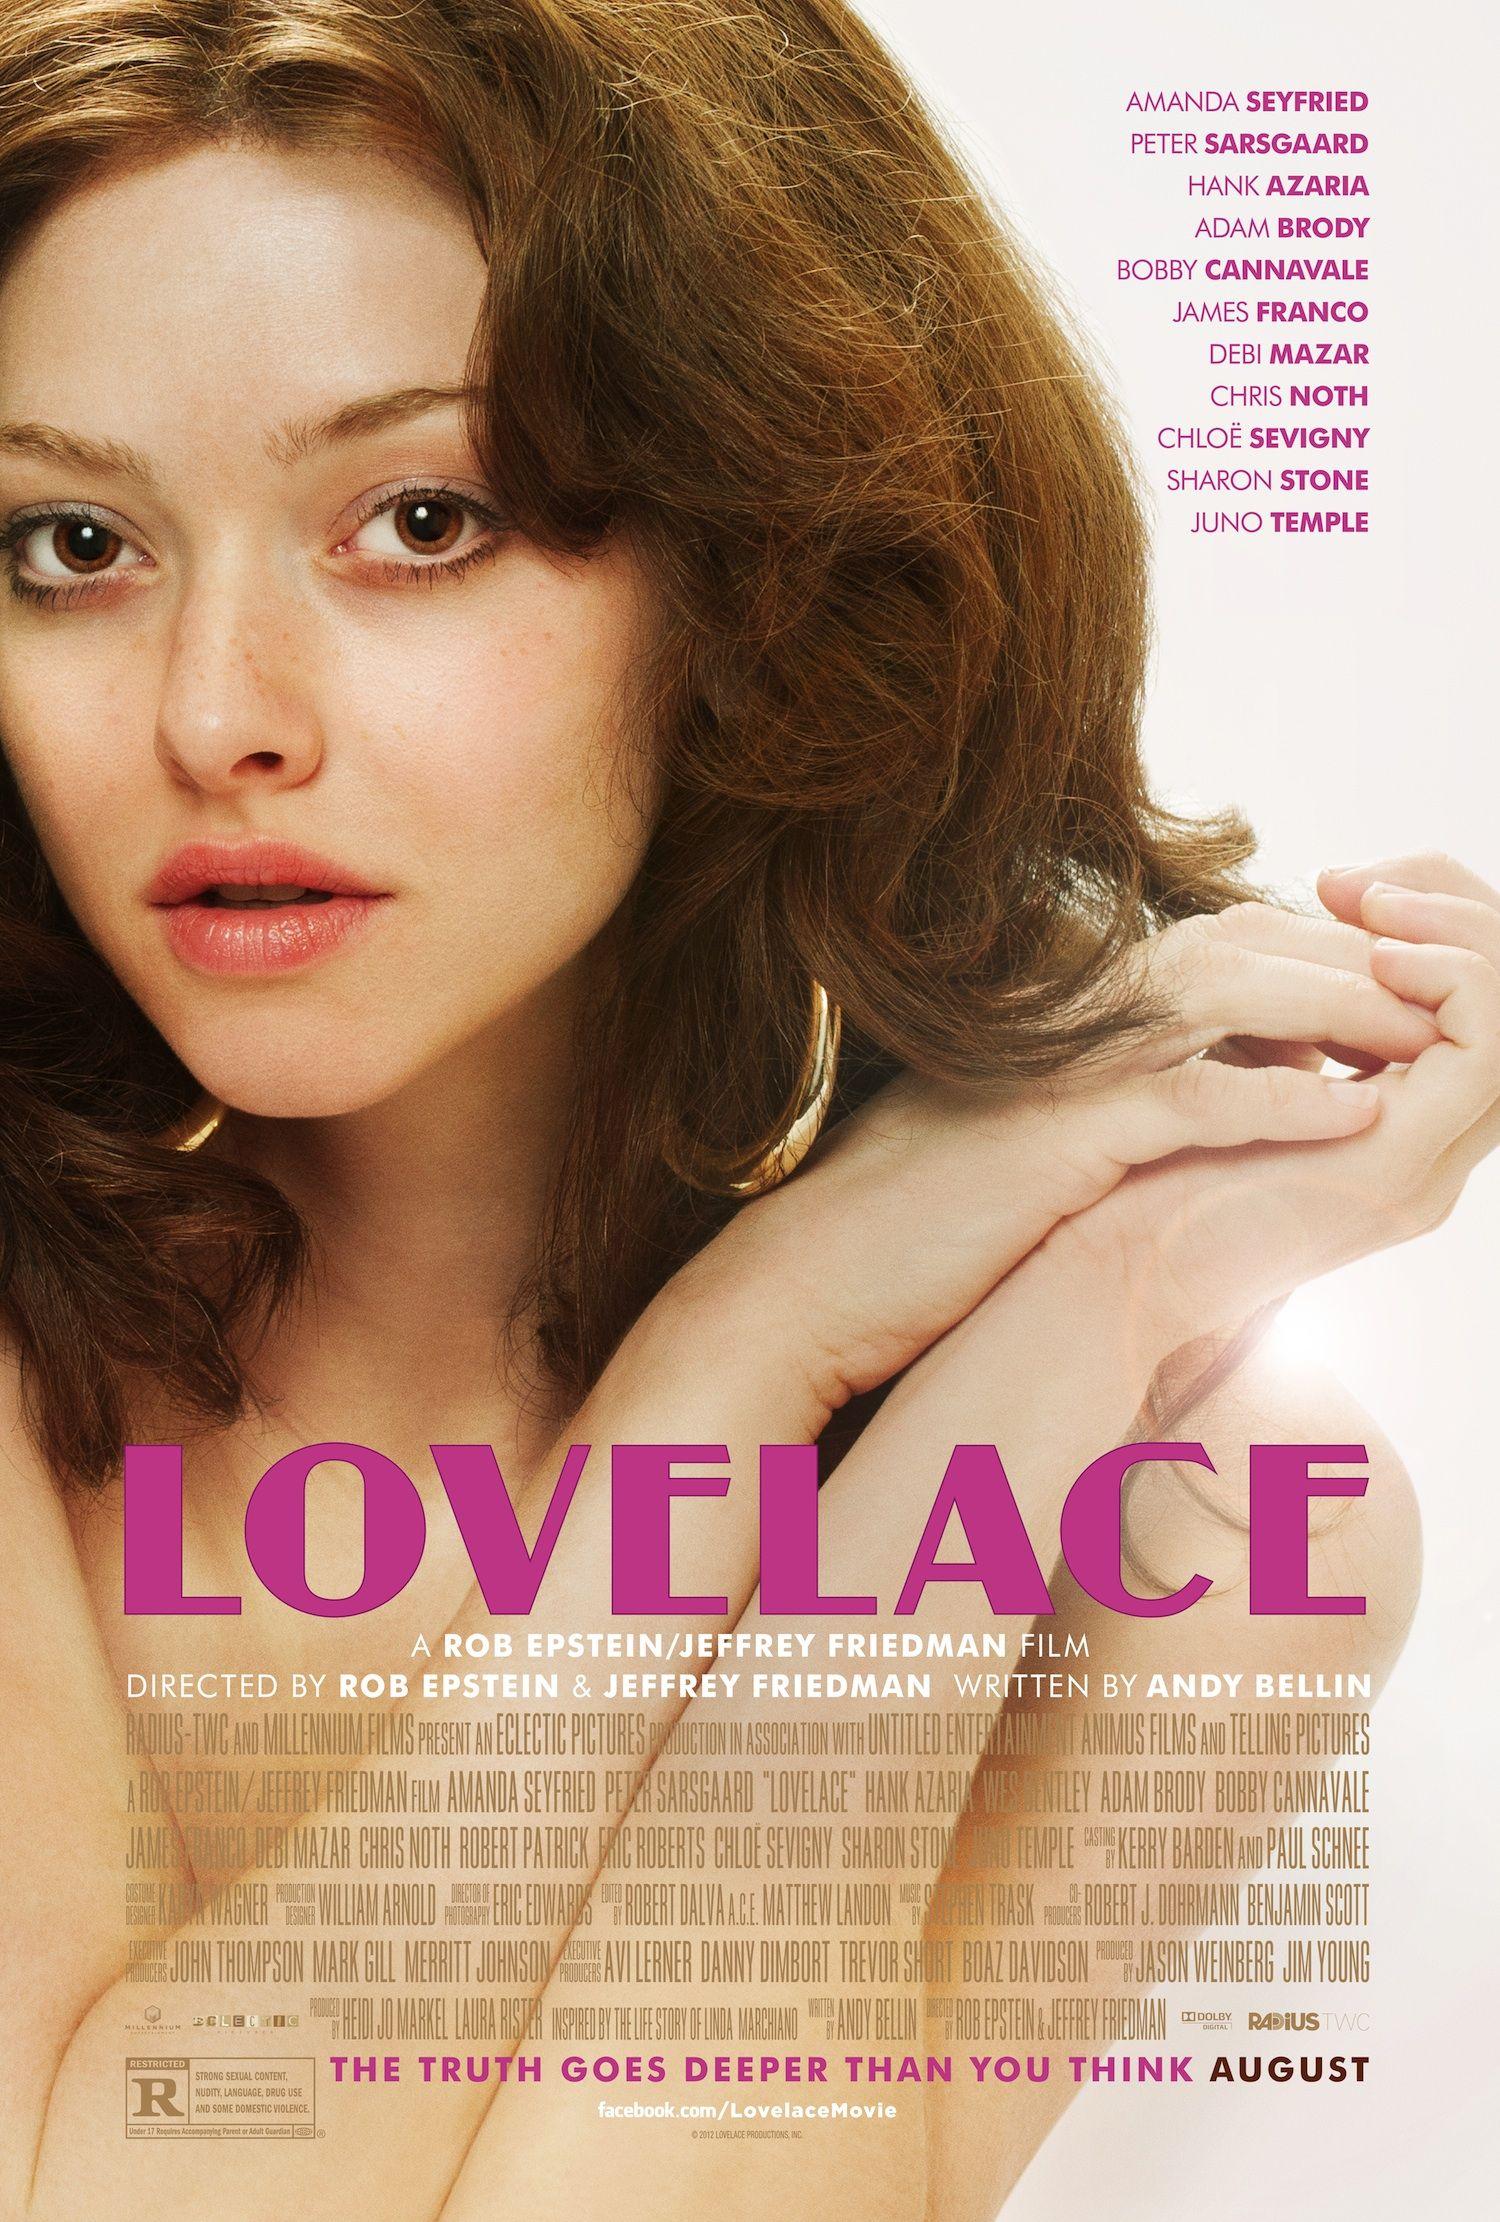 Seyfried lovelace linda amanda as